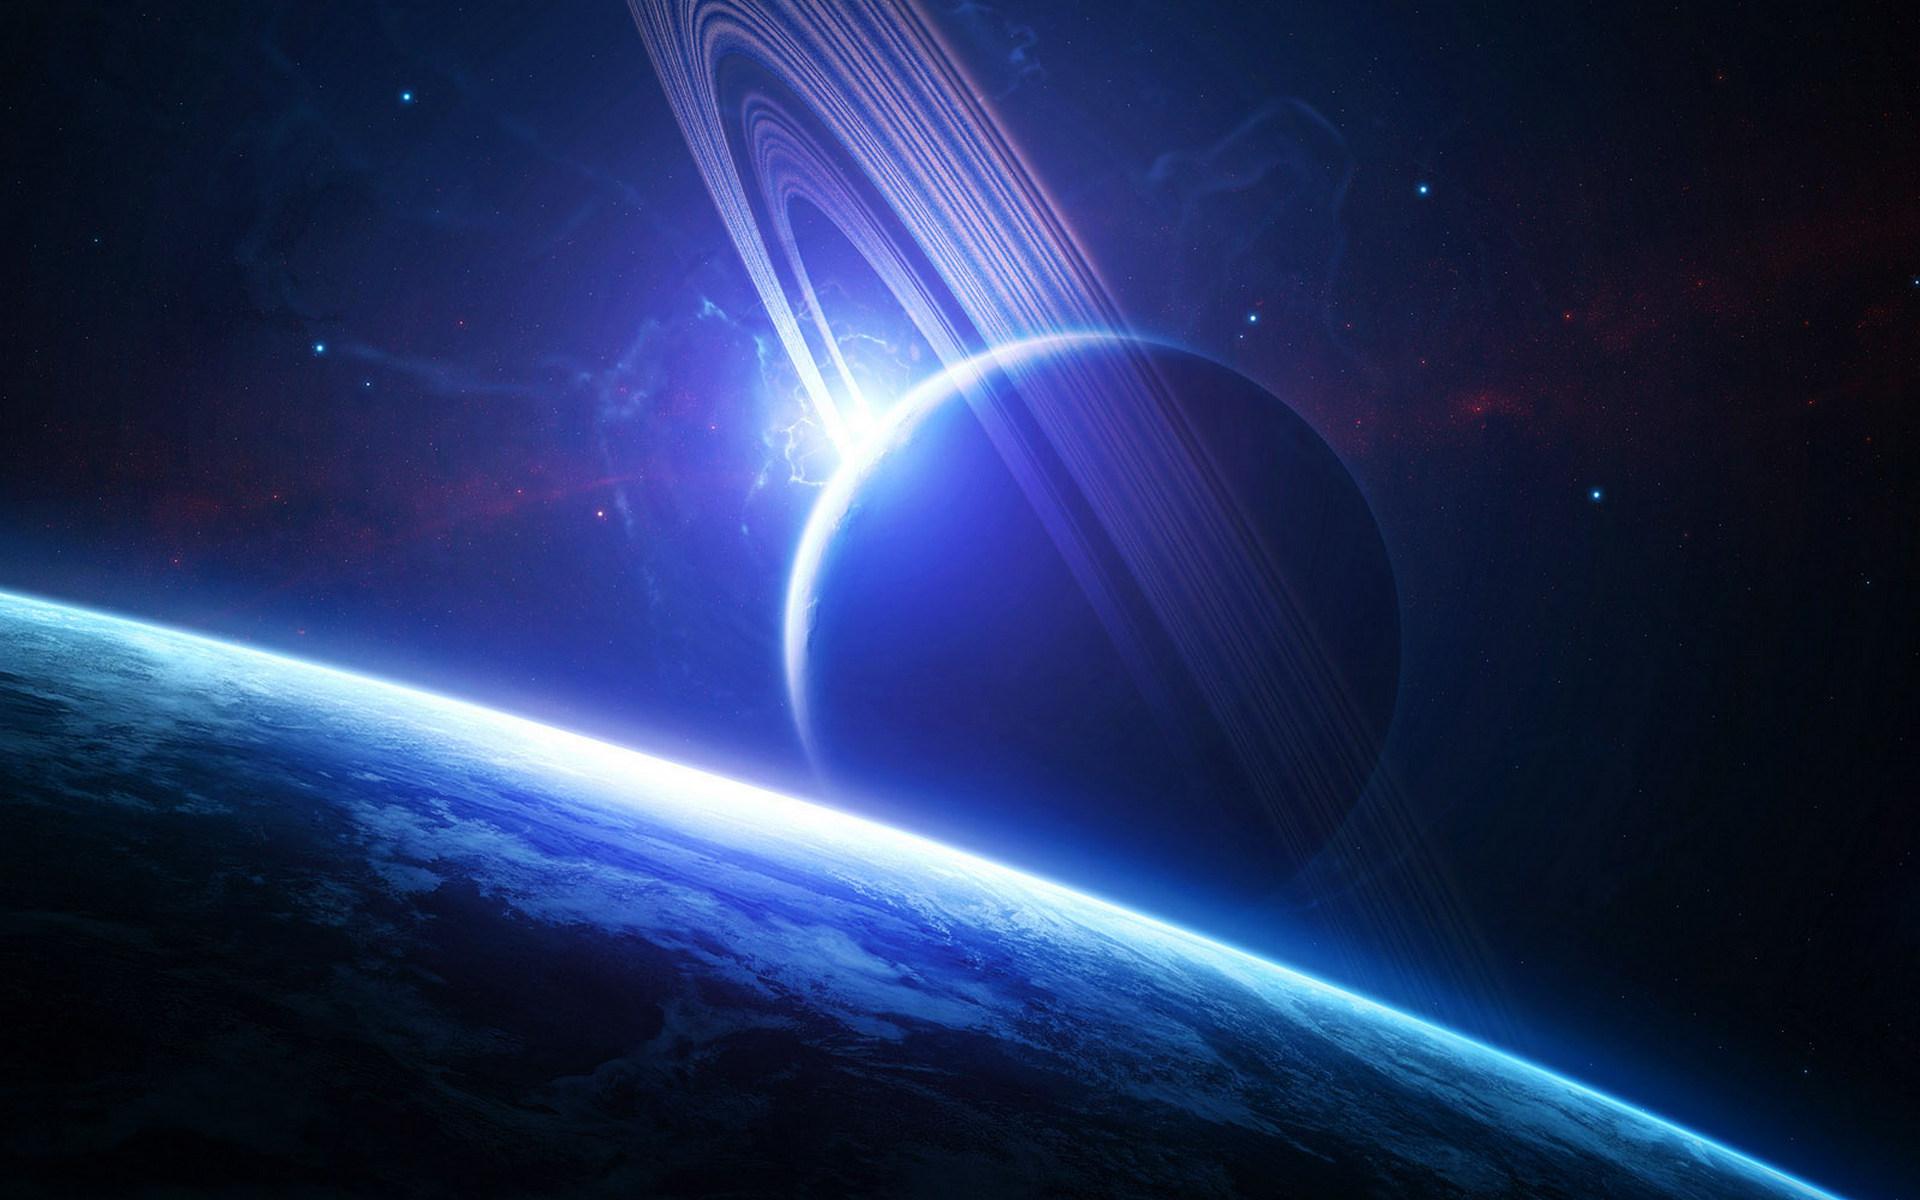 обратный фото космоса и планет на рабочий стол поэтому этот